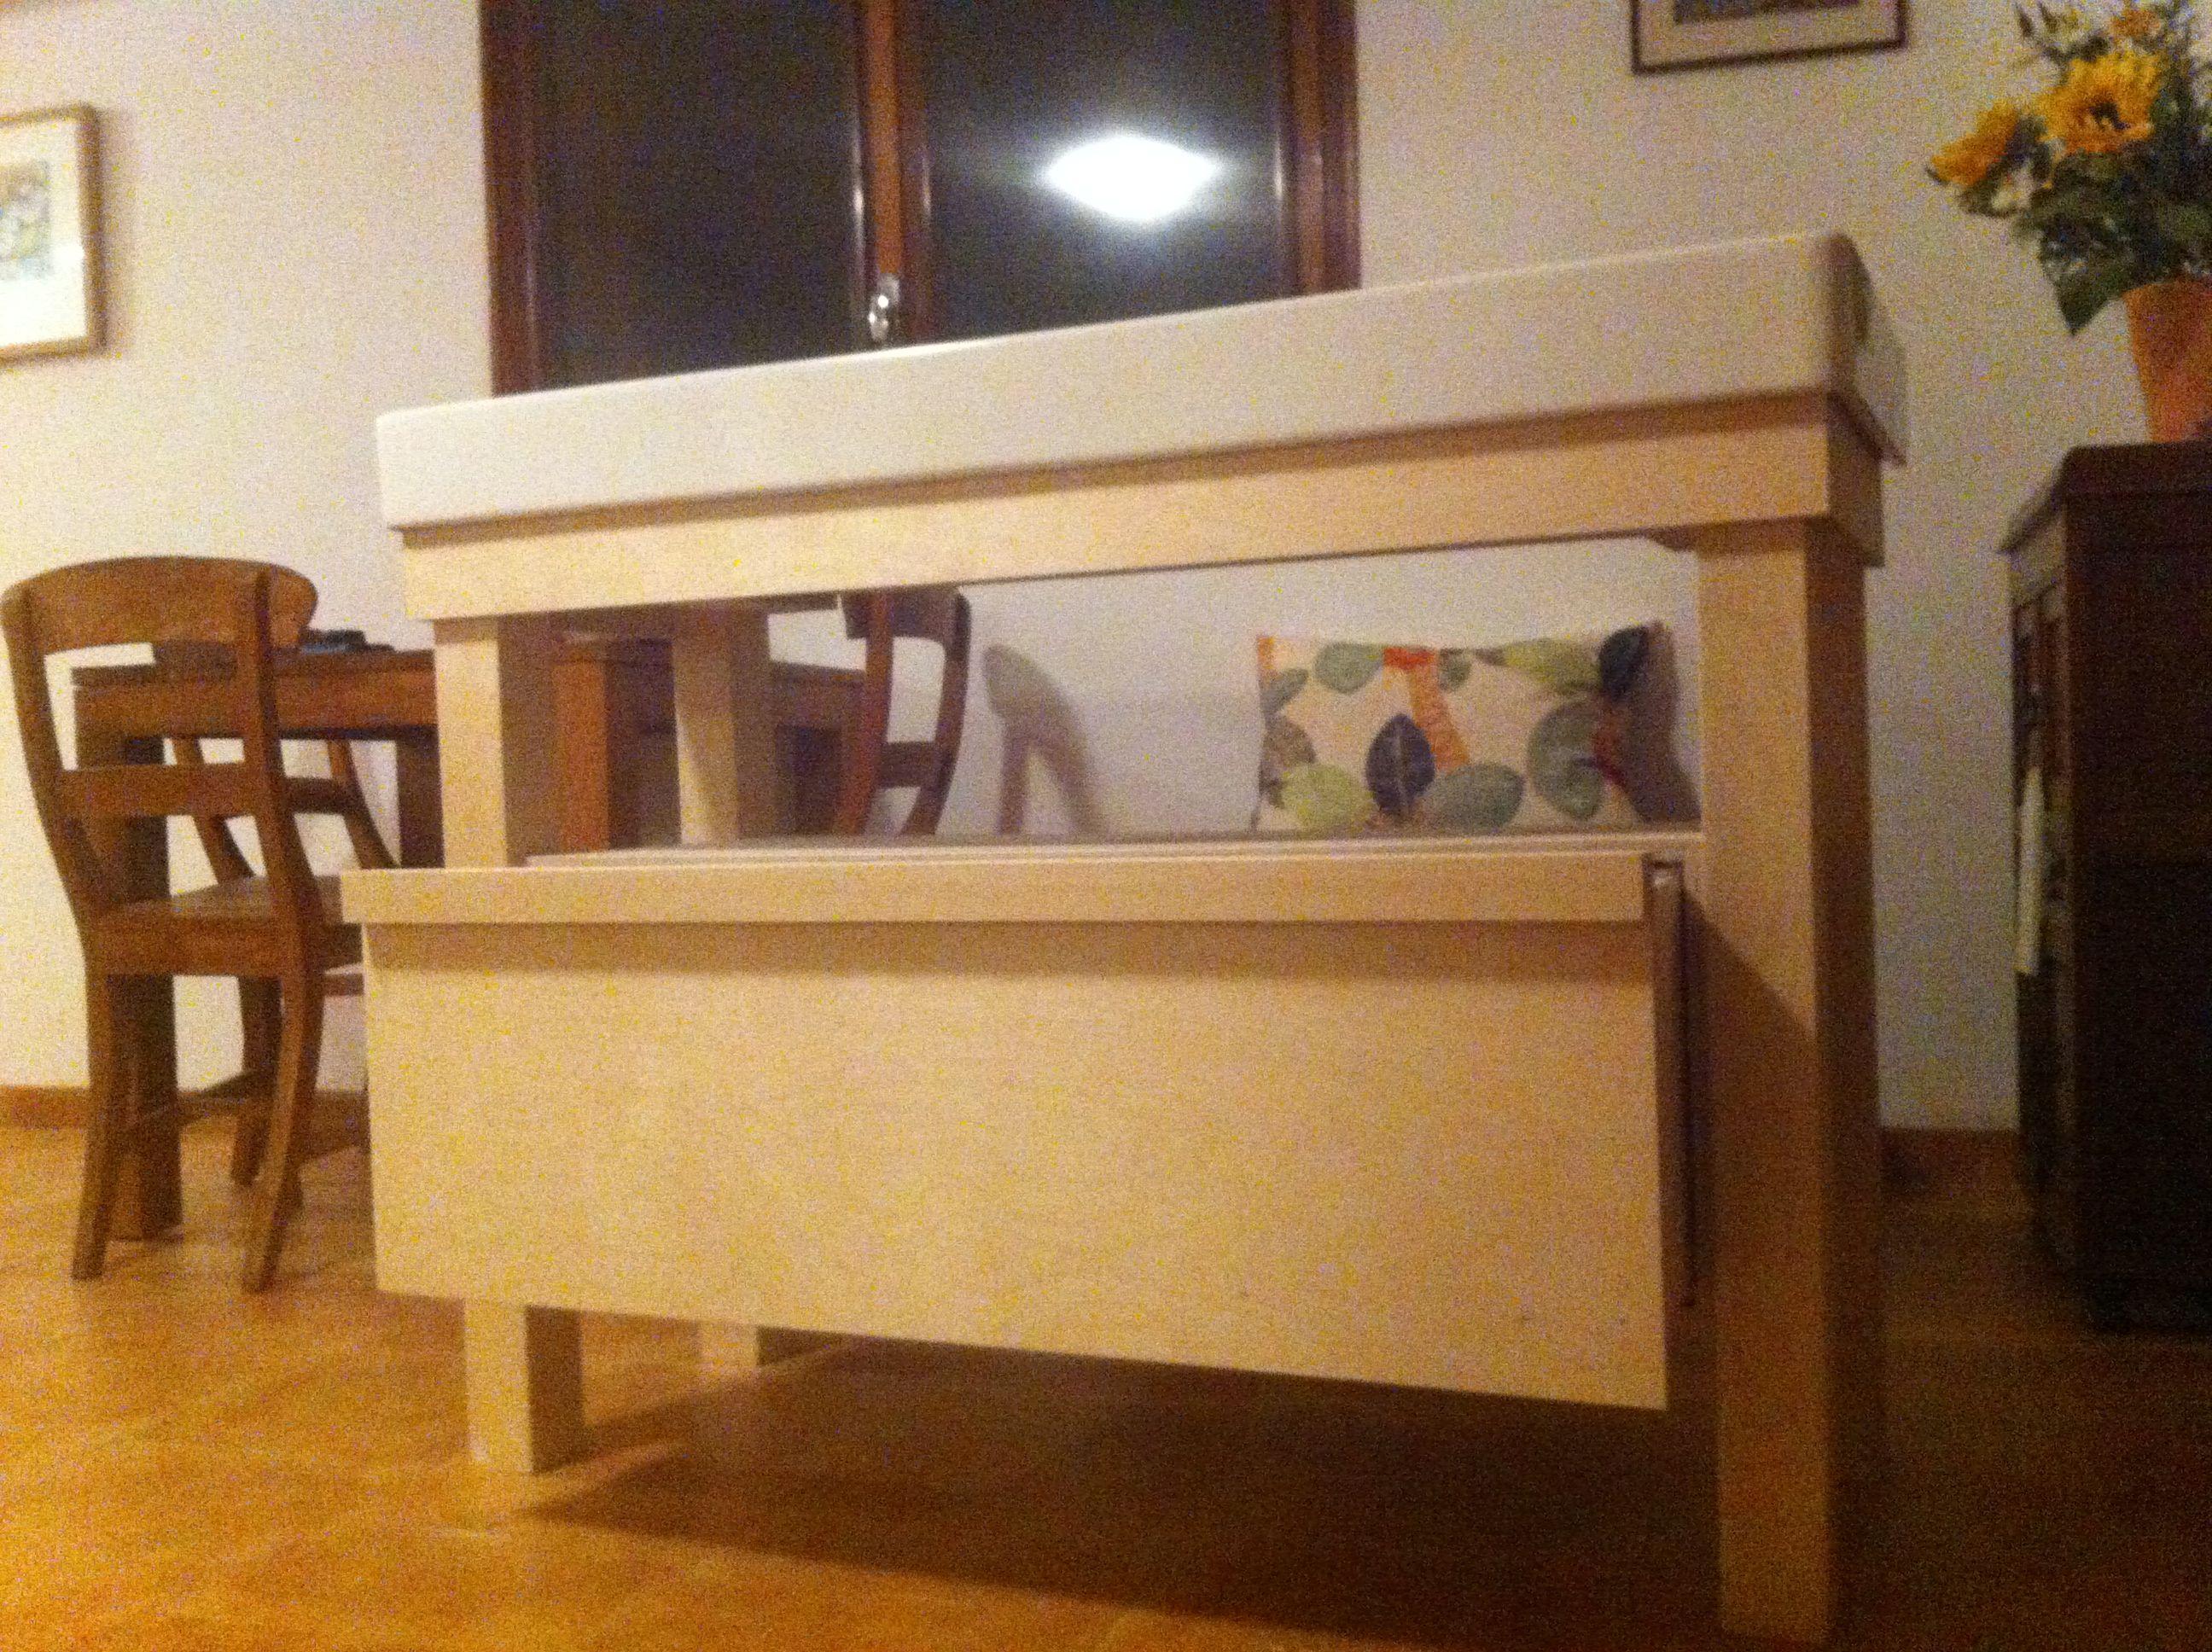 Berken Multiplex Badkamer : Badkamer meubel berken multiplex interieur furniture handmade